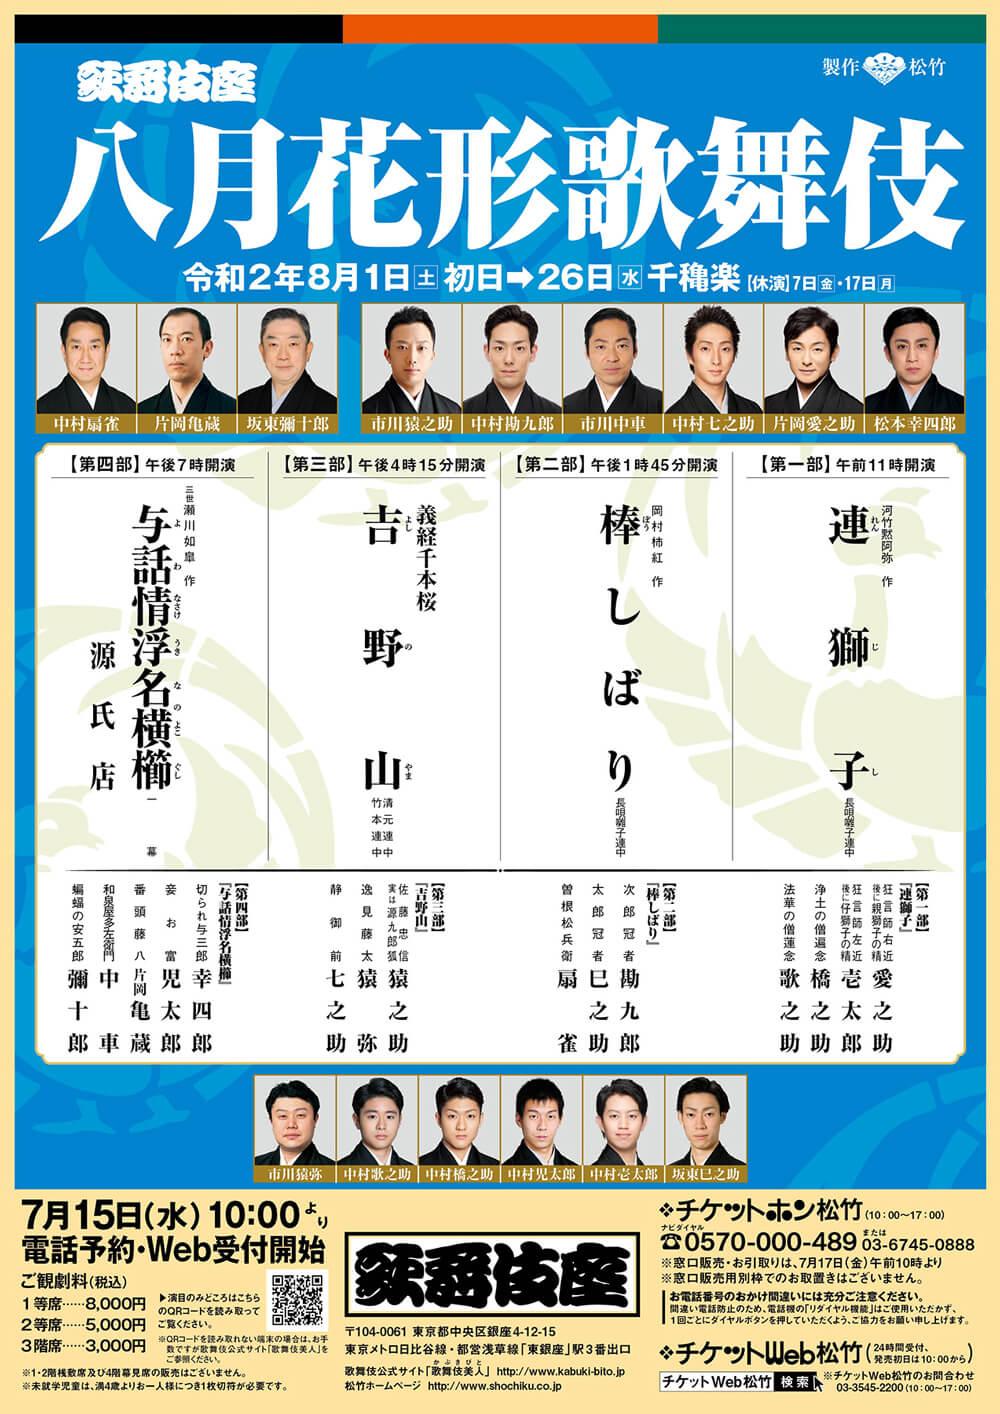 歌舞伎座『八月花形歌舞伎』チラシポスター